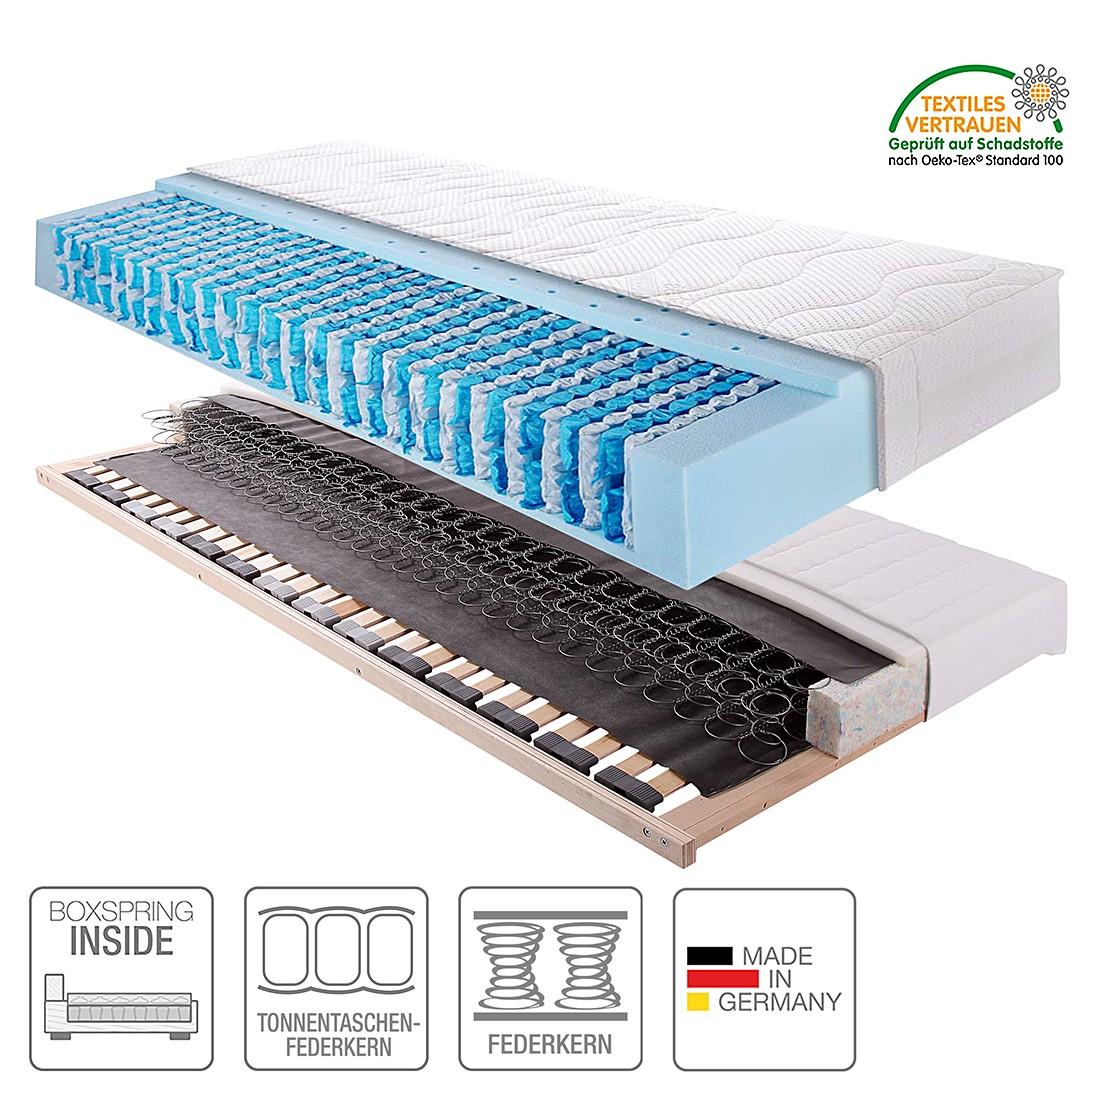 Boxspring Inside System Sleep Luxus VI – 90 x 200cm – H2 bis 110 kg, Breckle kaufen